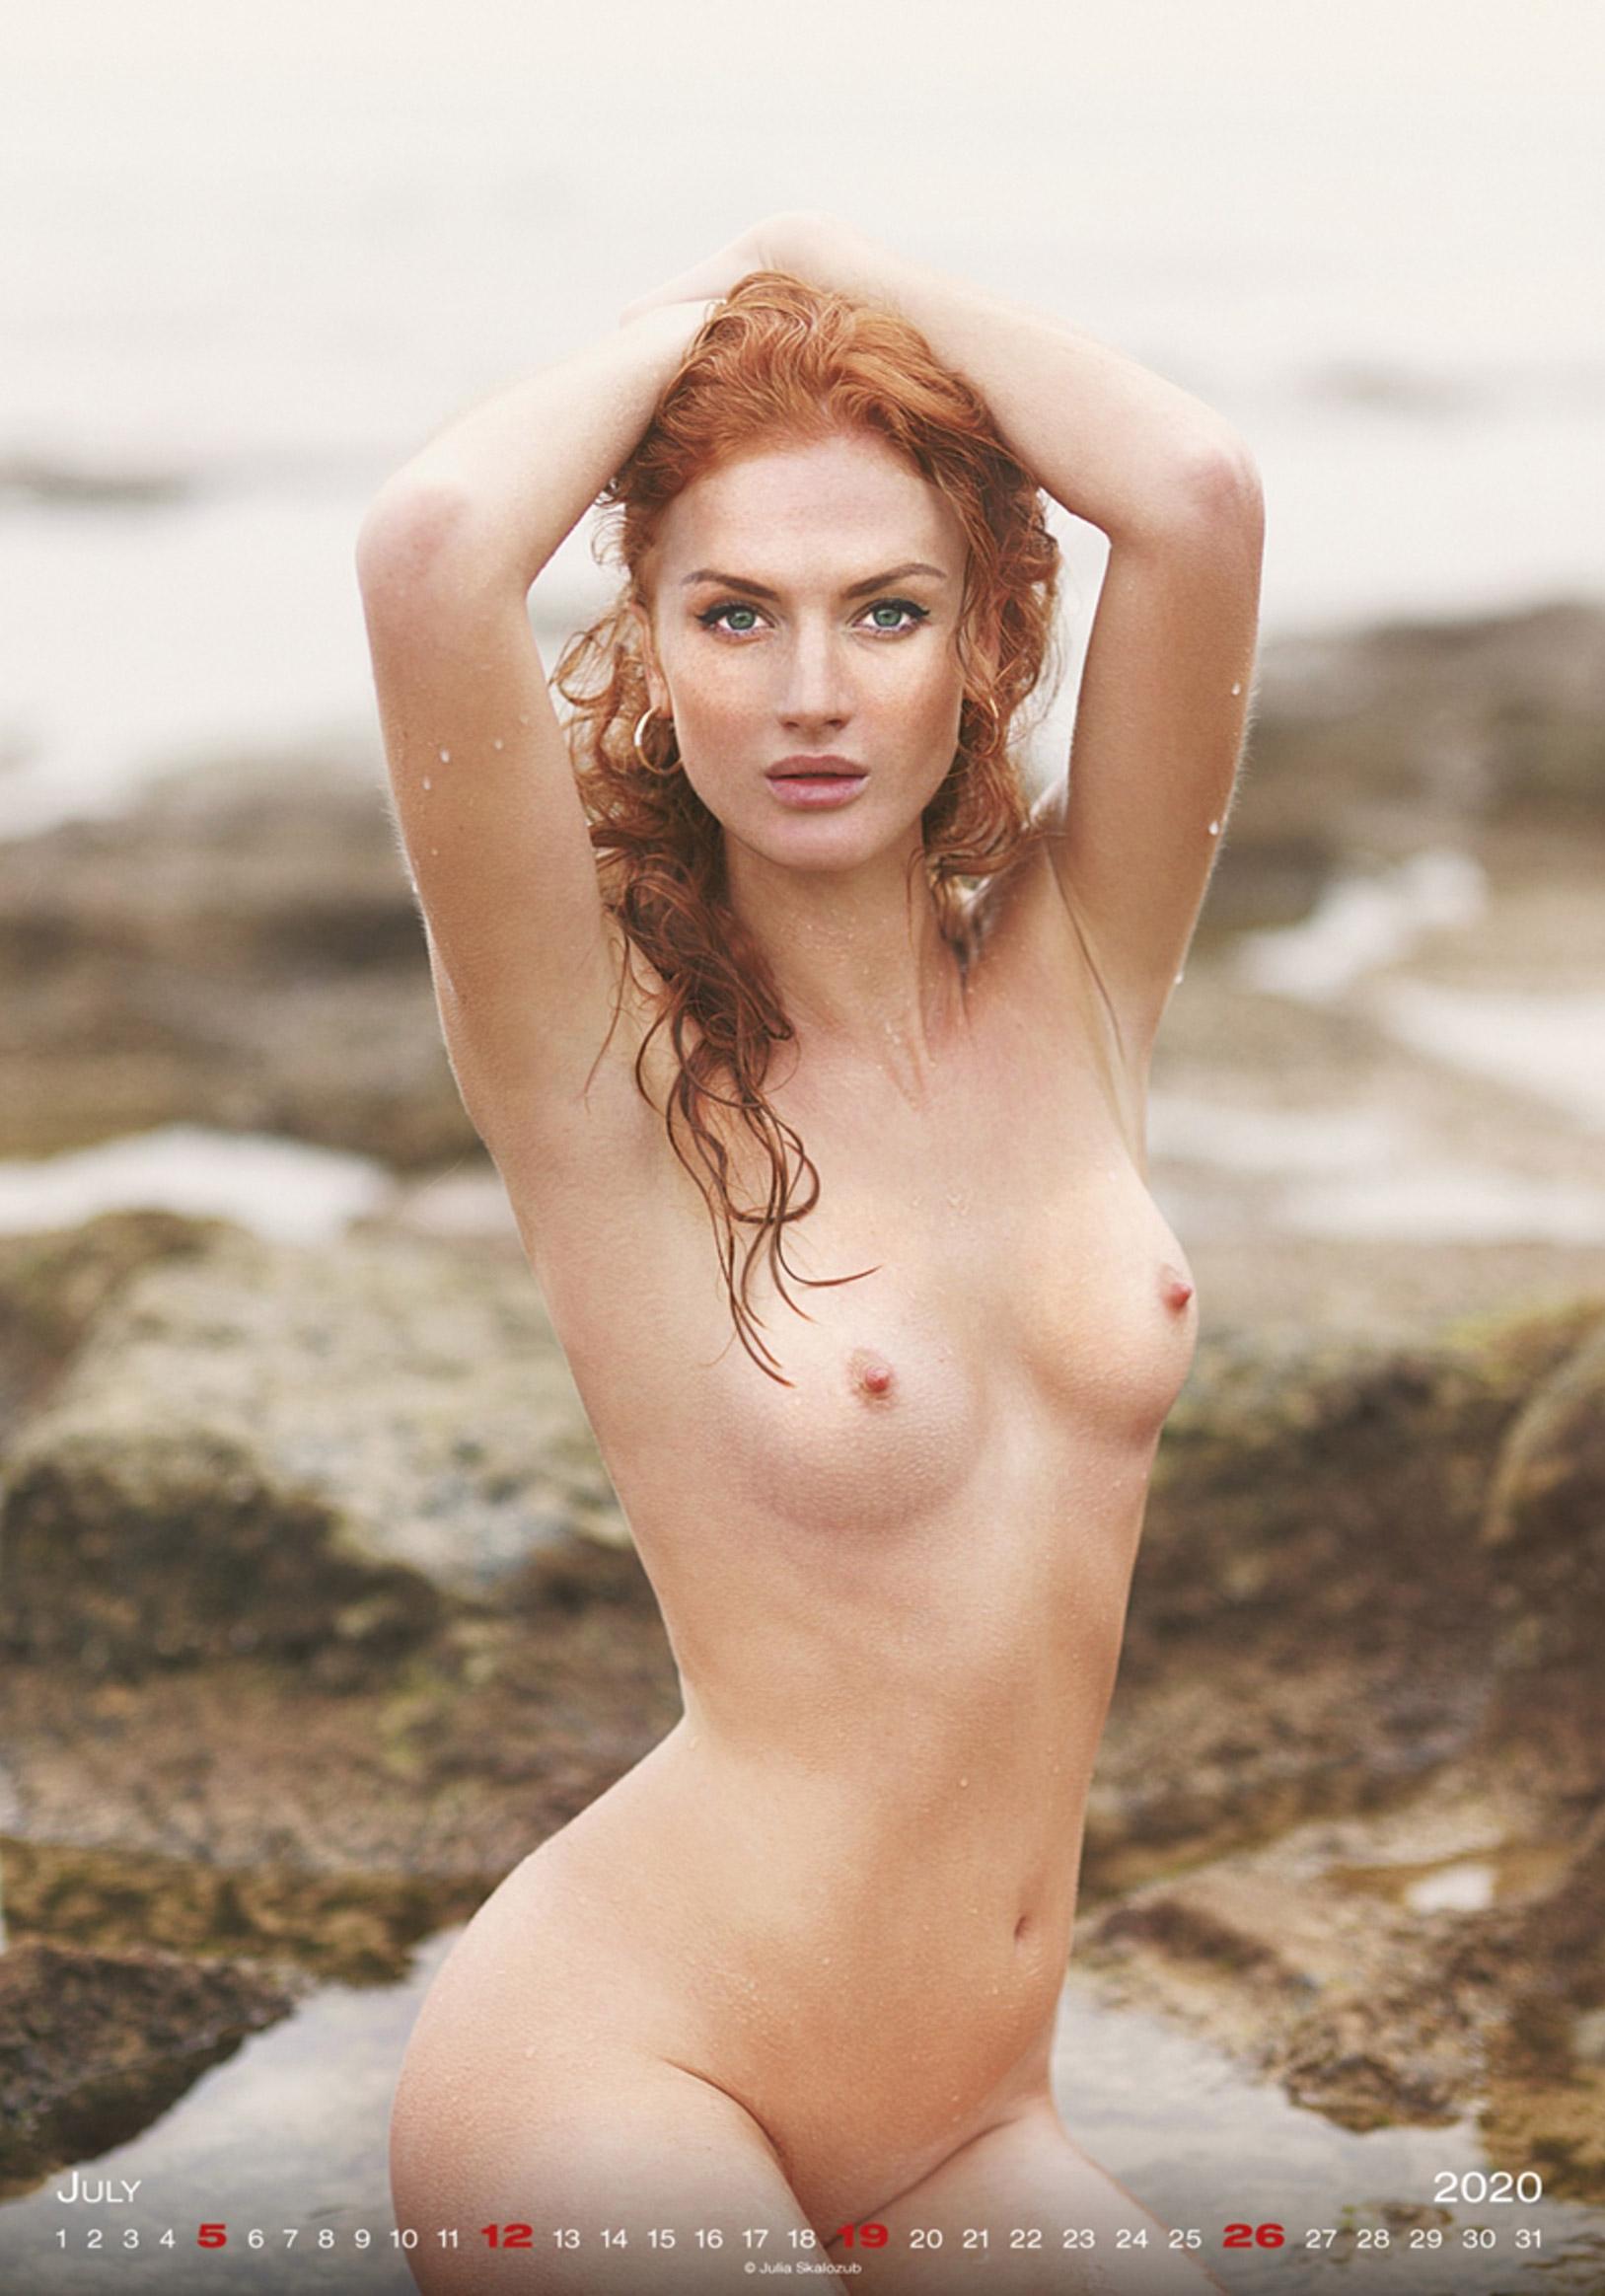 Сексуальные голые девушки в календаре на 2020 год, фотограф Юлия Скалозуб / июль